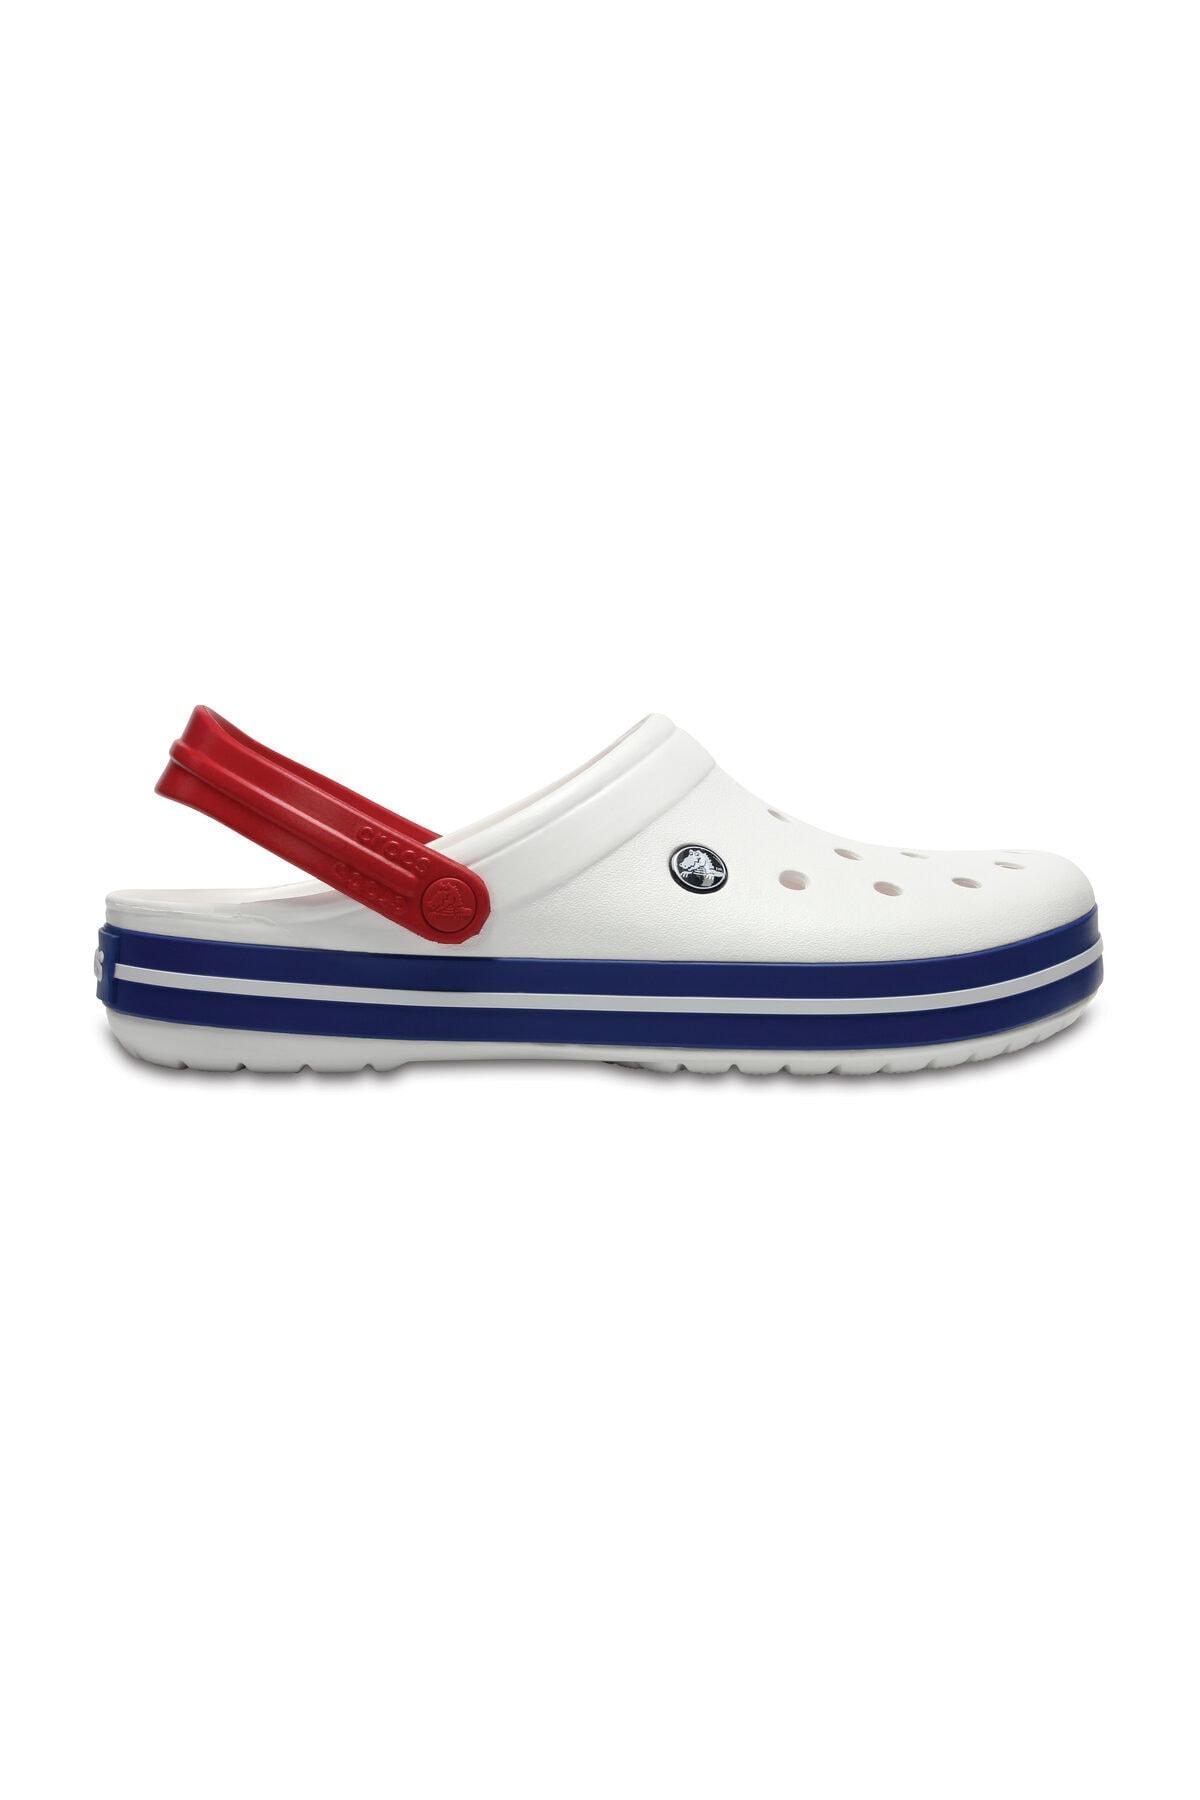 Crocs Beyaz Unisex Crocband Kenarı Lacivert Beyaz Çizgili Terlik 1